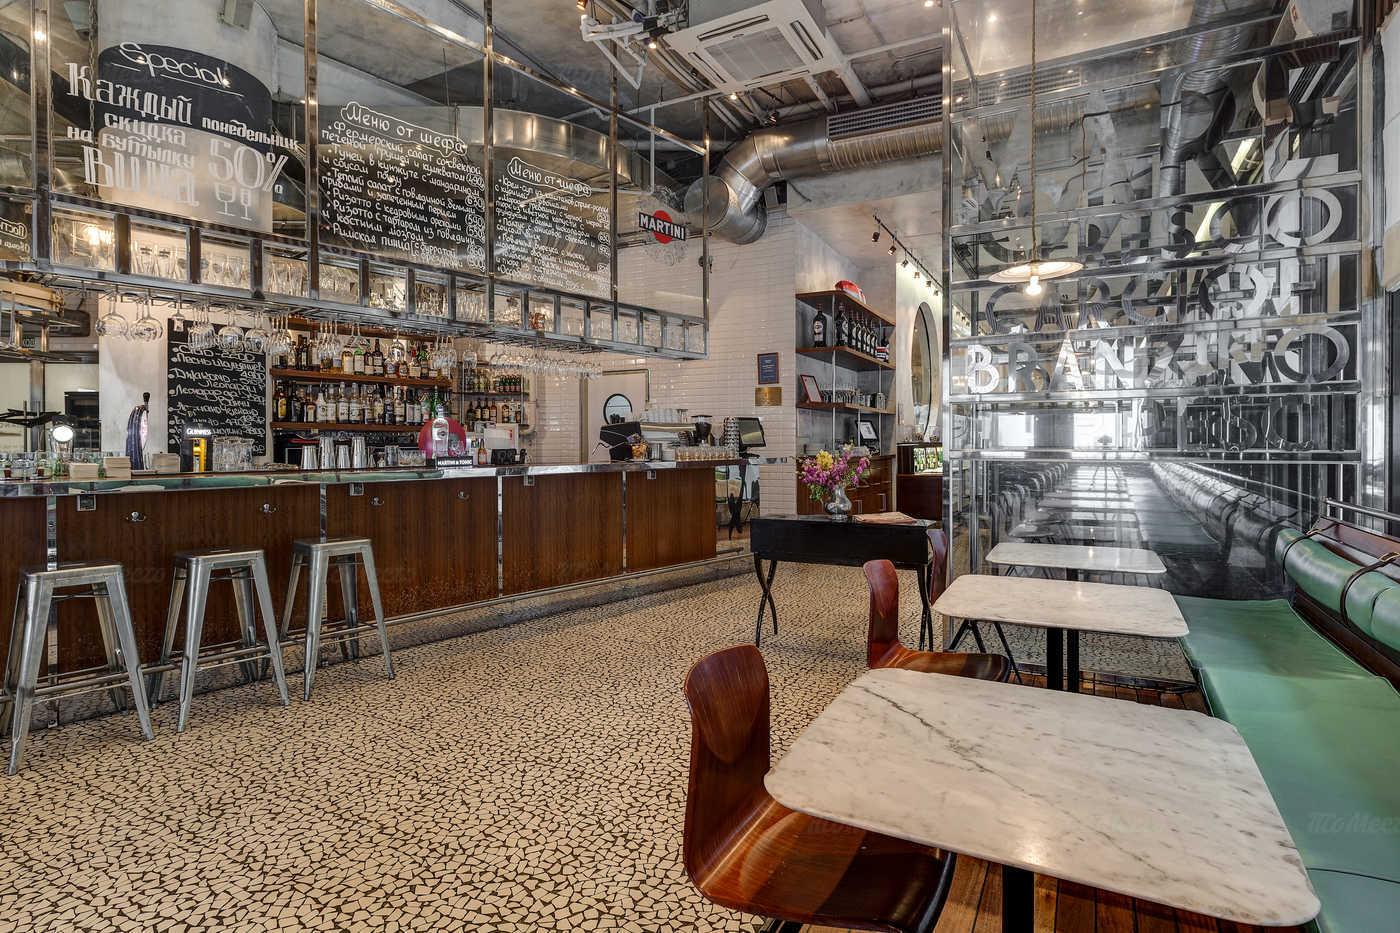 Ресторан Osteria Bianca (Остерия Бьянка) на улице Лесной  фото 5